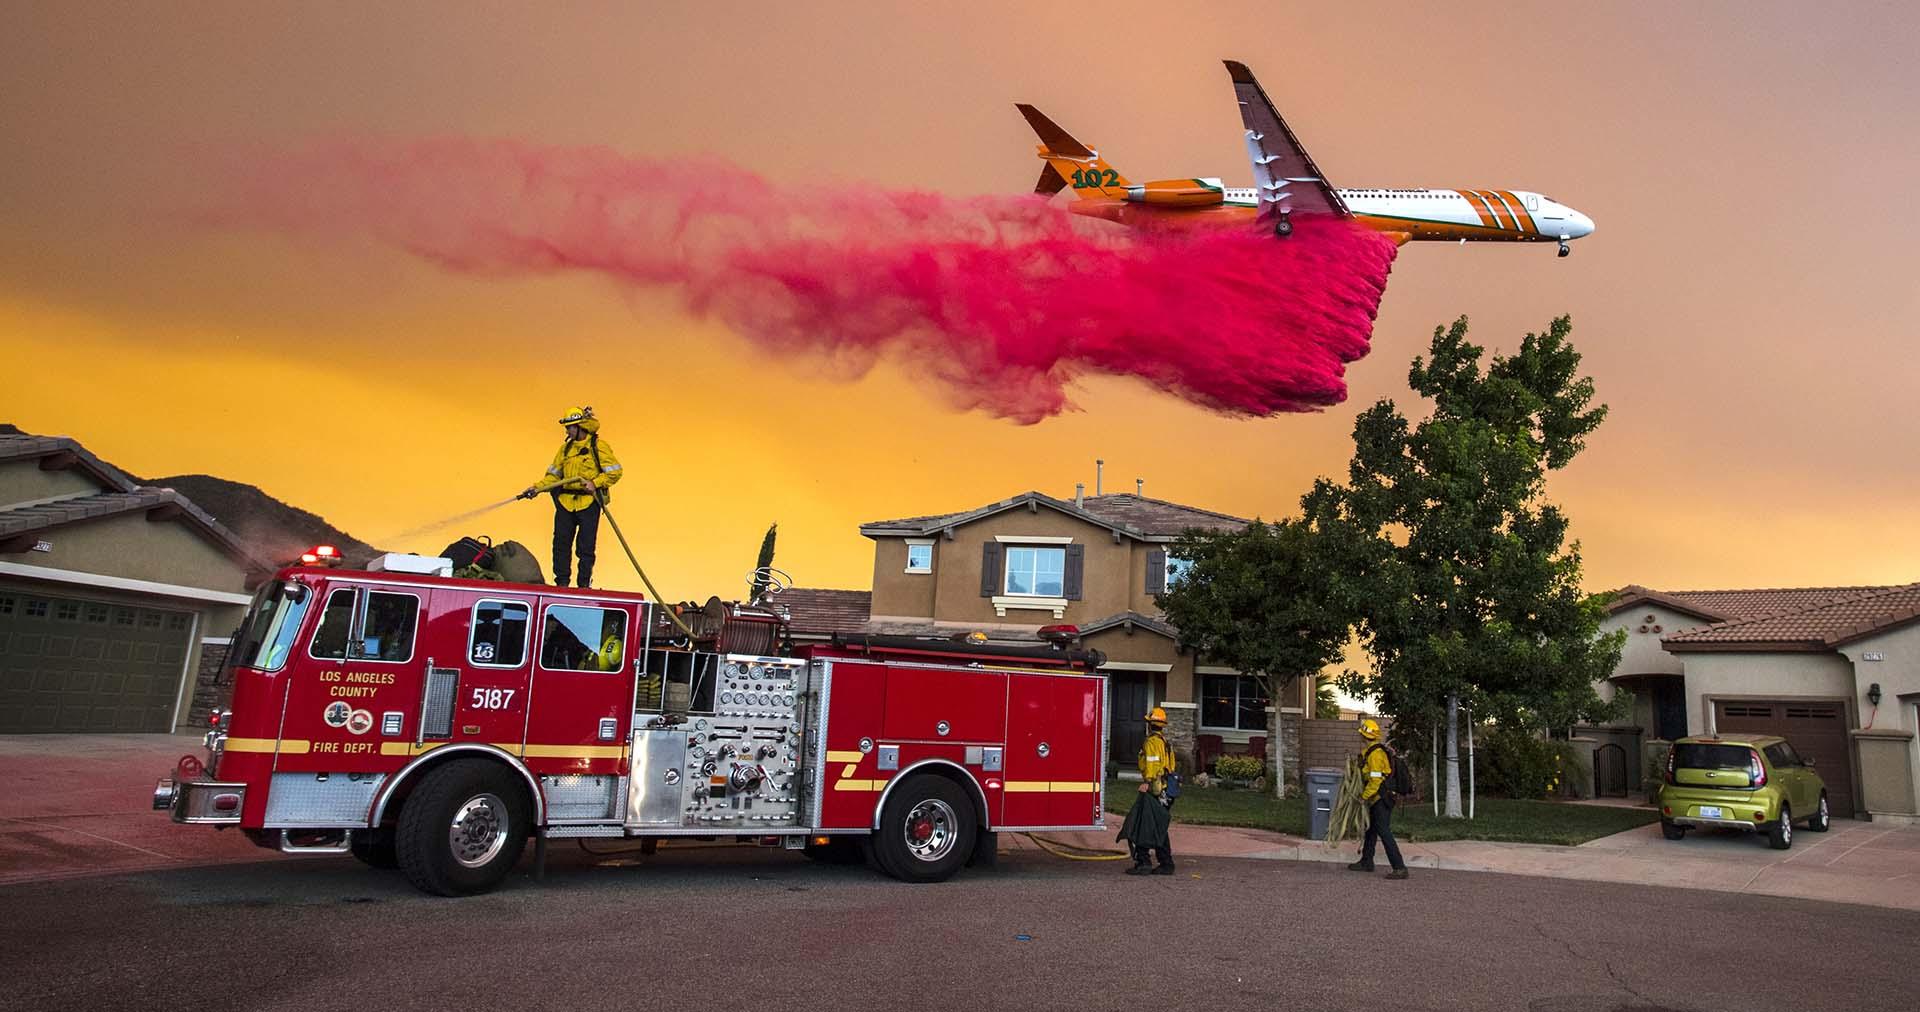 No obstante, en las últimas 24 horas el incendio siguió expandiéndose en algunos frentes y arrasó cerca de 4.000 hectáreas más de terreno